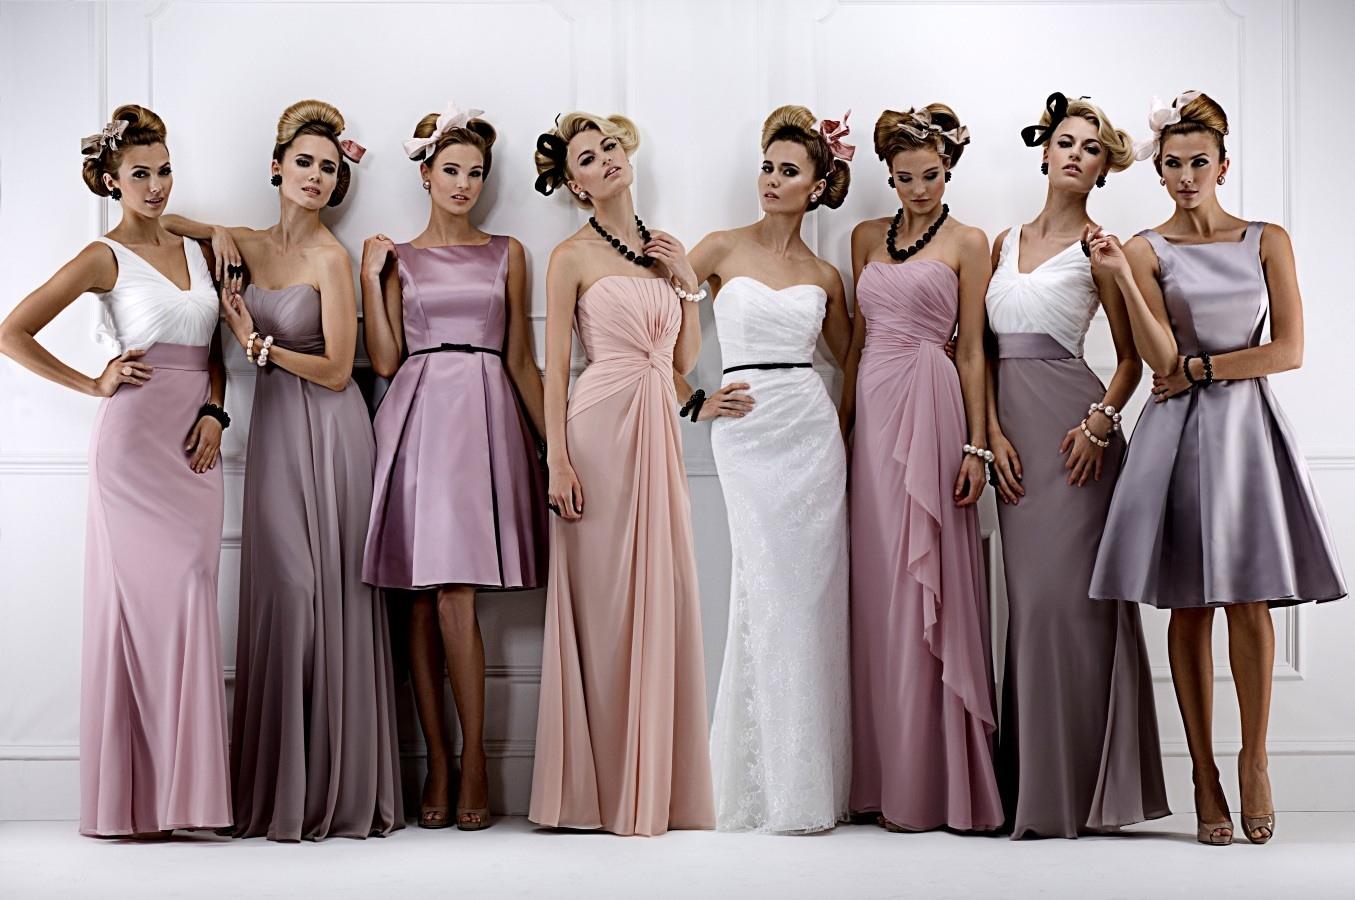 15 Luxurius Kleider Hochzeit für 2019 Schön Kleider Hochzeit Stylish